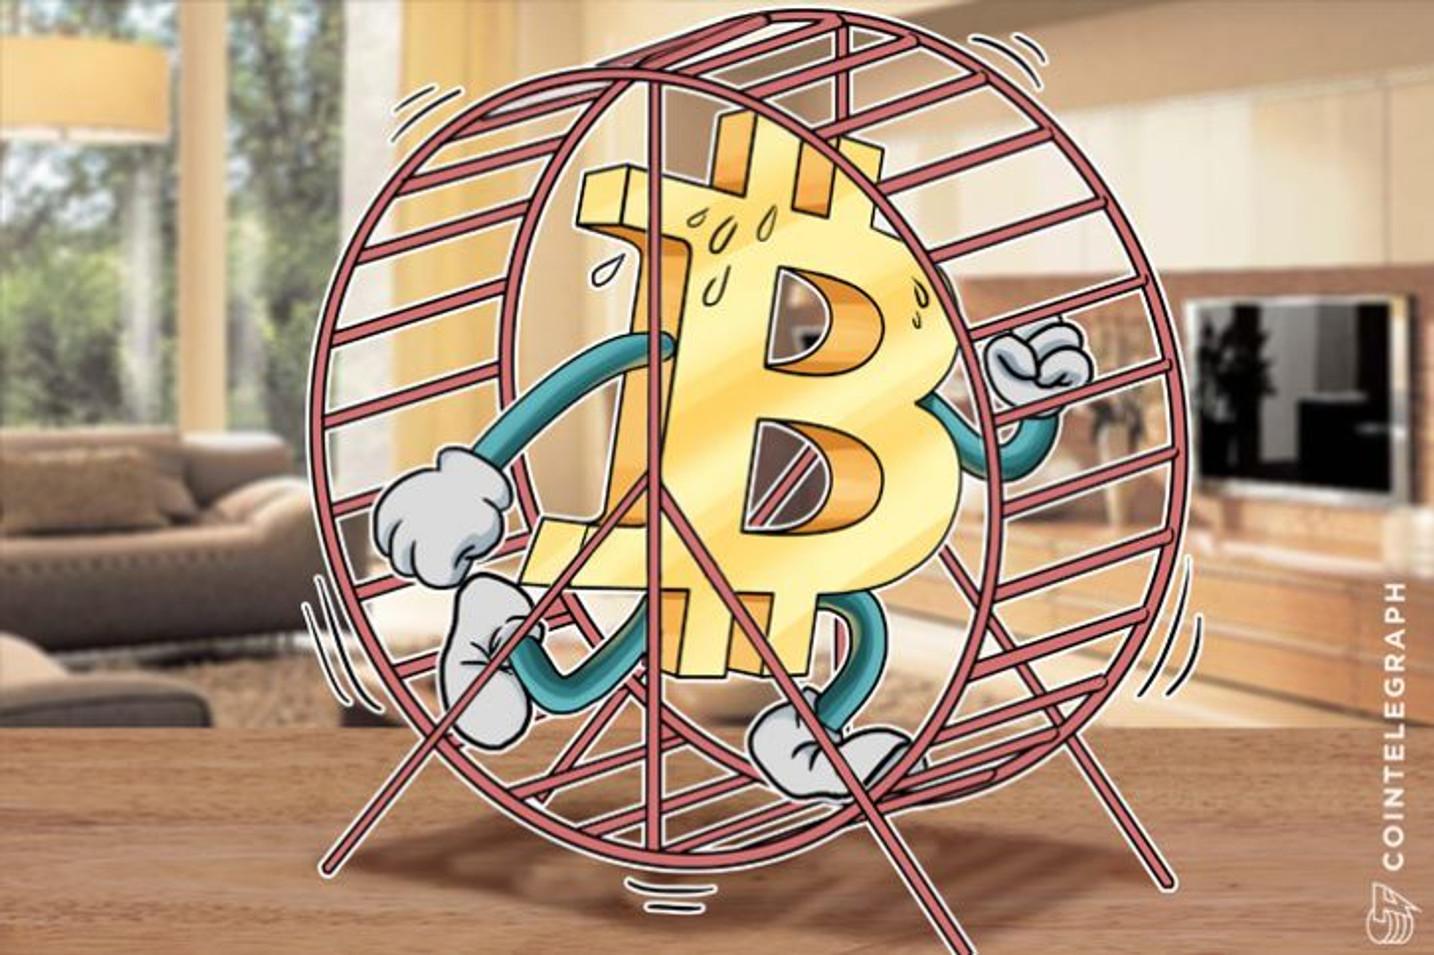 Bitkoin zauzetiji više nego ikad, brzina usporava, broj nepotvrđenih transakcija raste